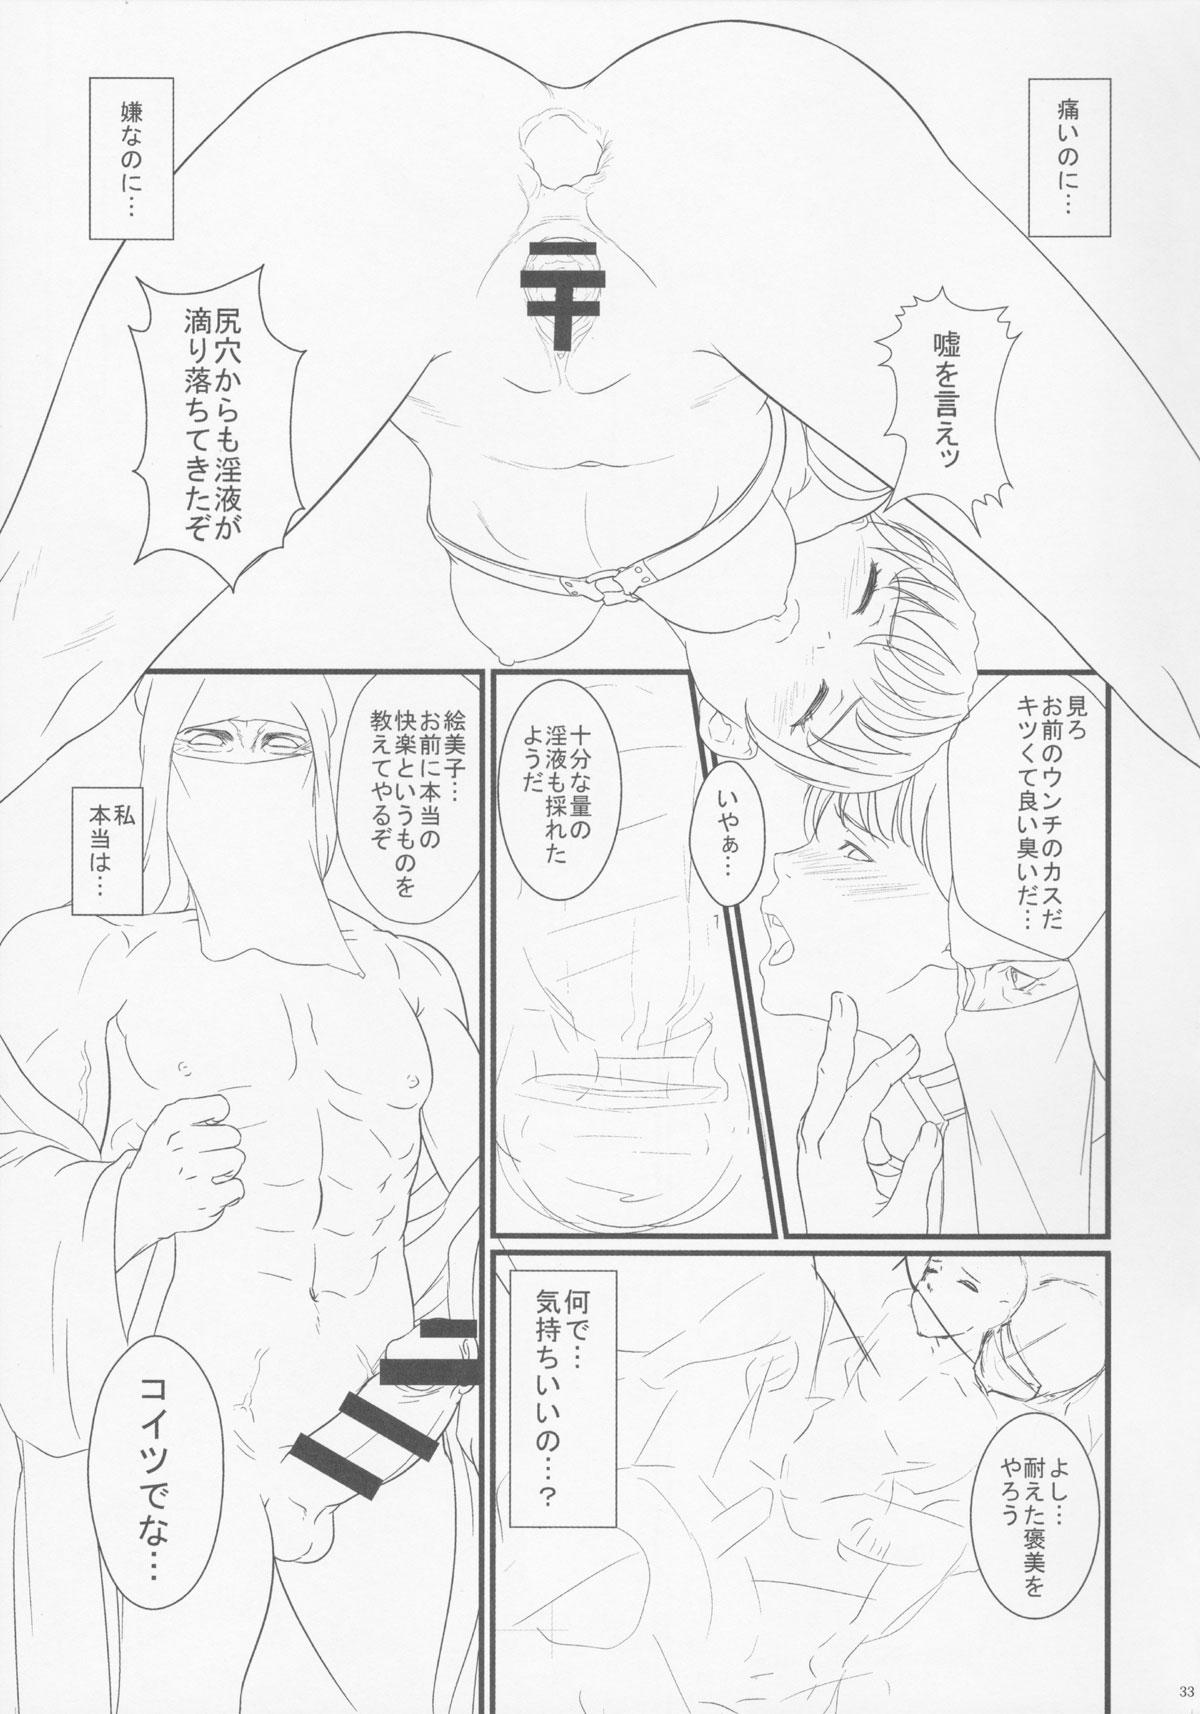 お姉ちゃんの裸みてみたいなぁwぬぎぬぎしようね~wやっダメっ!!あ~ん・・・ママ助けて!!【エロ漫画・エロ同人】 (32)